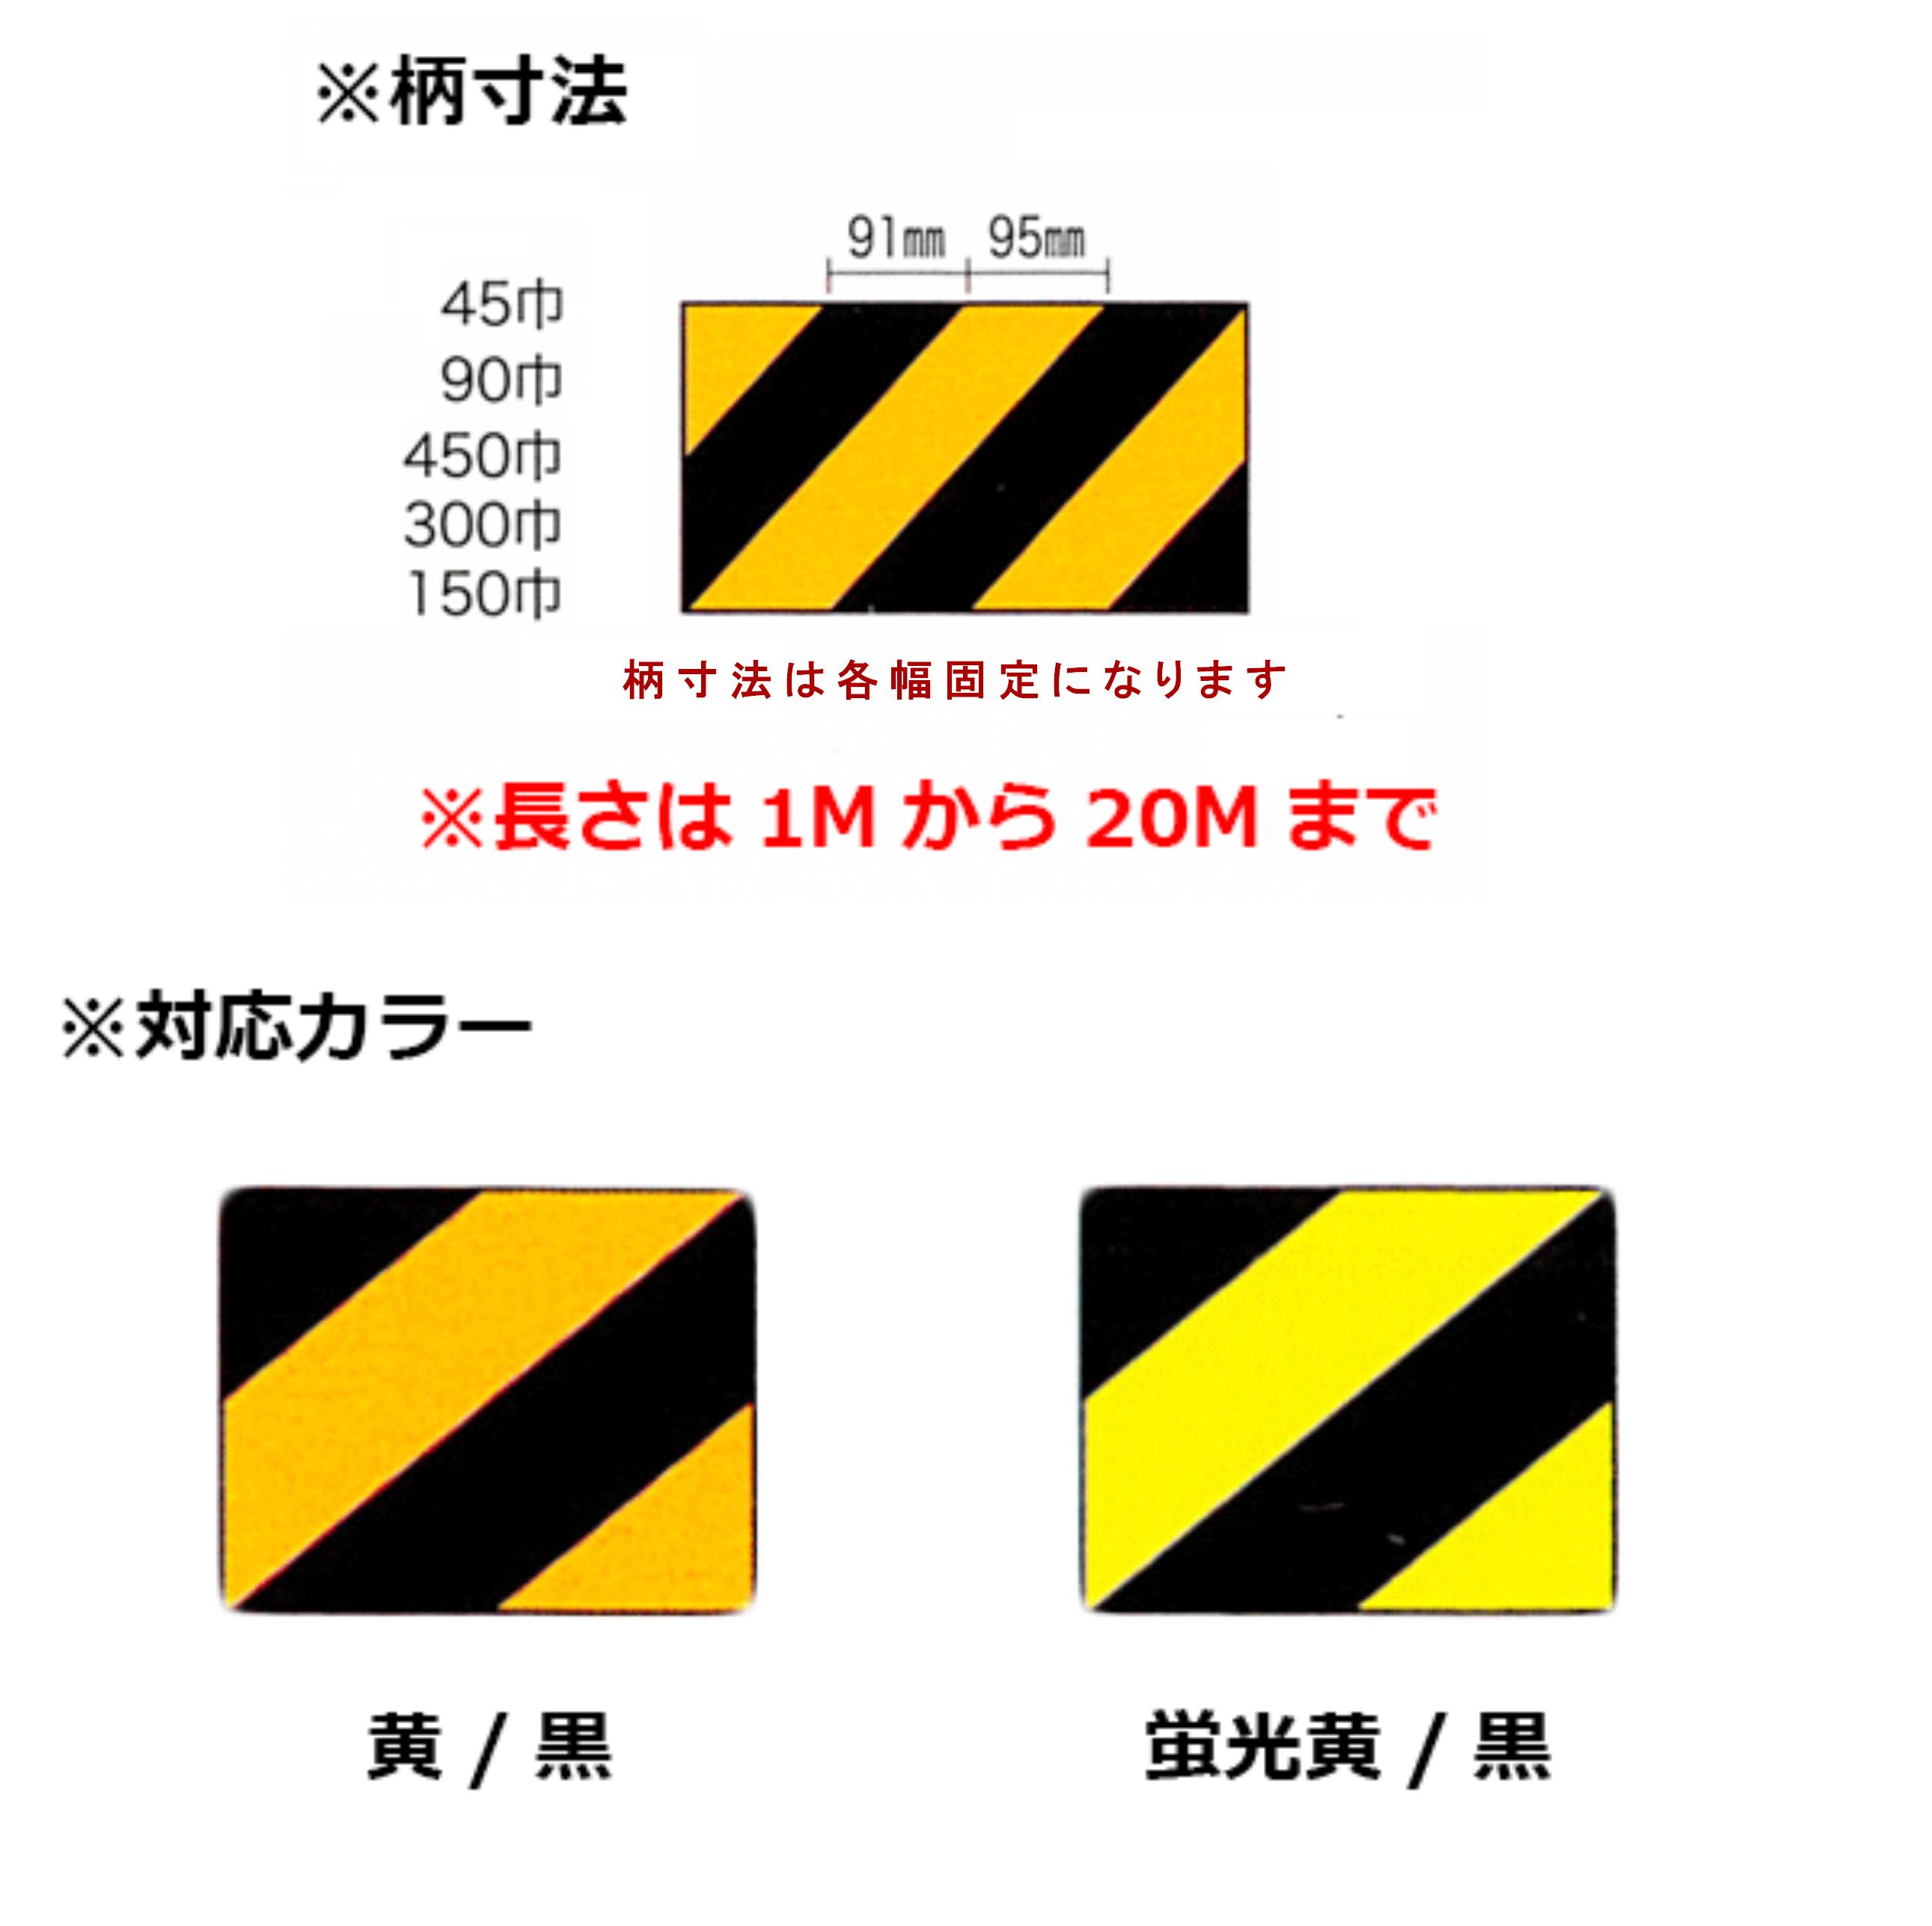 トラテープの柄寸法